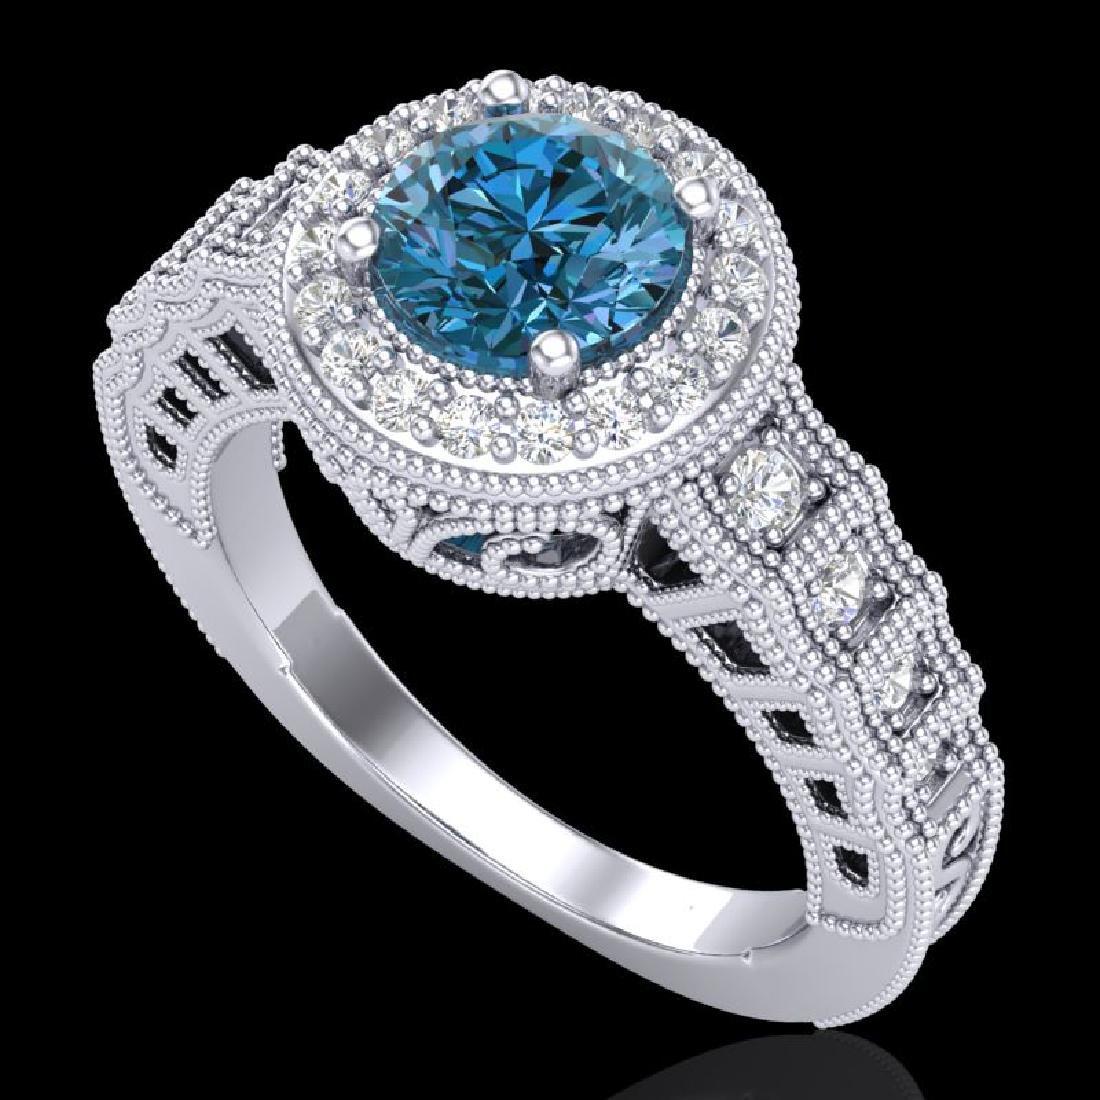 1.53 CTW Fancy Intense Blue Diamond Solitaire Art Deco